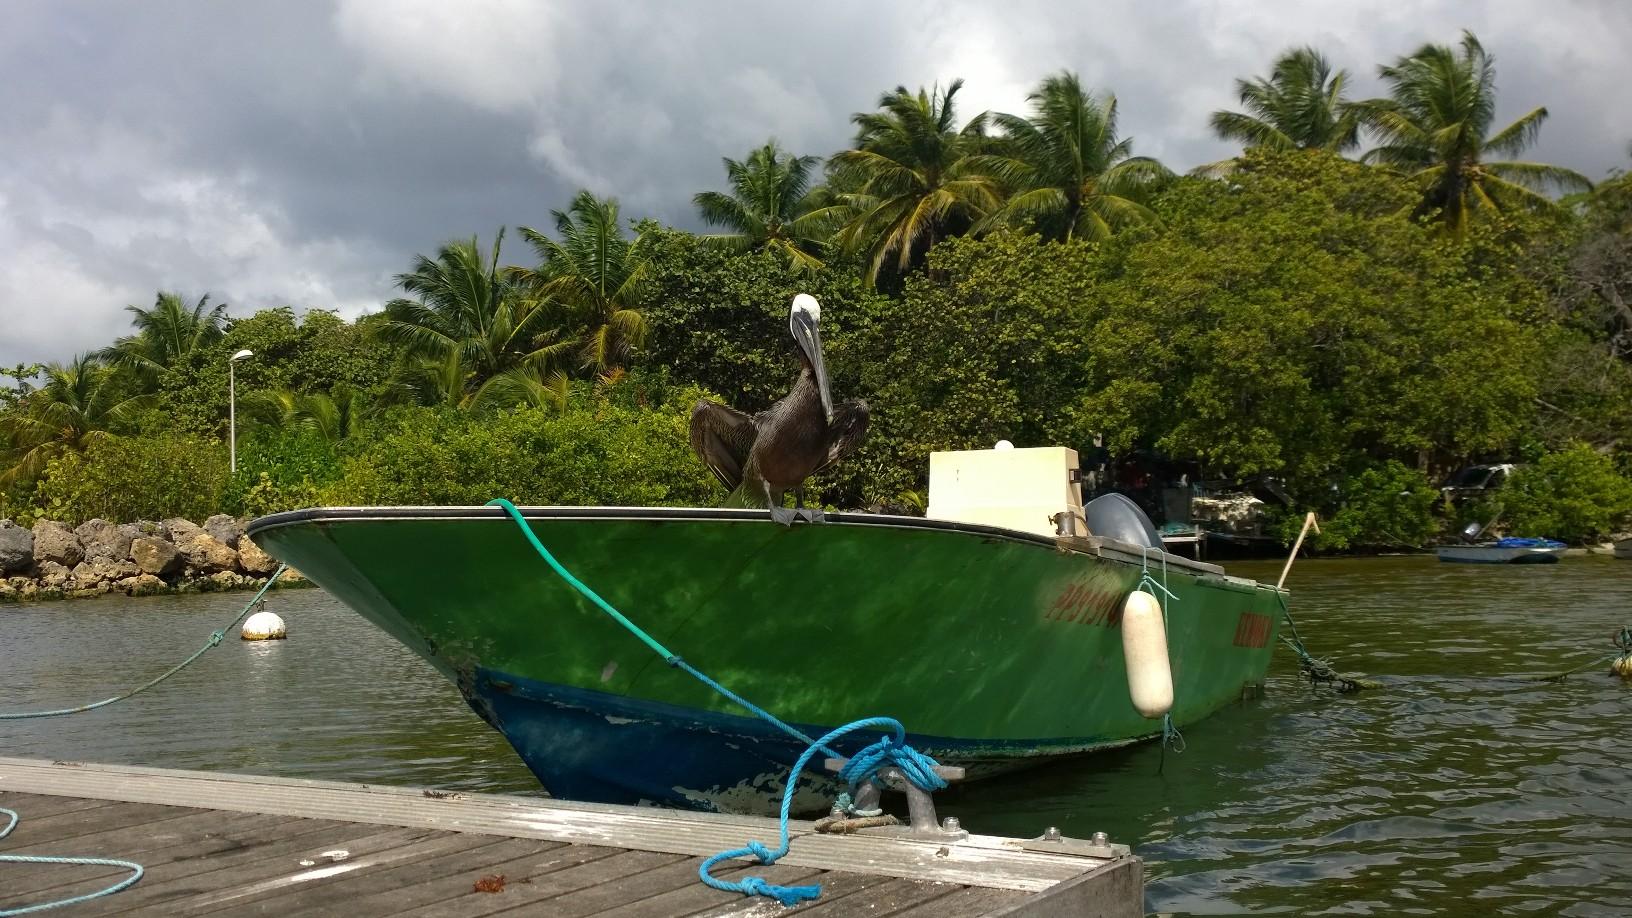 Pelikaani vartioi viereisestä veneestä laituriin kiinnittymistä.